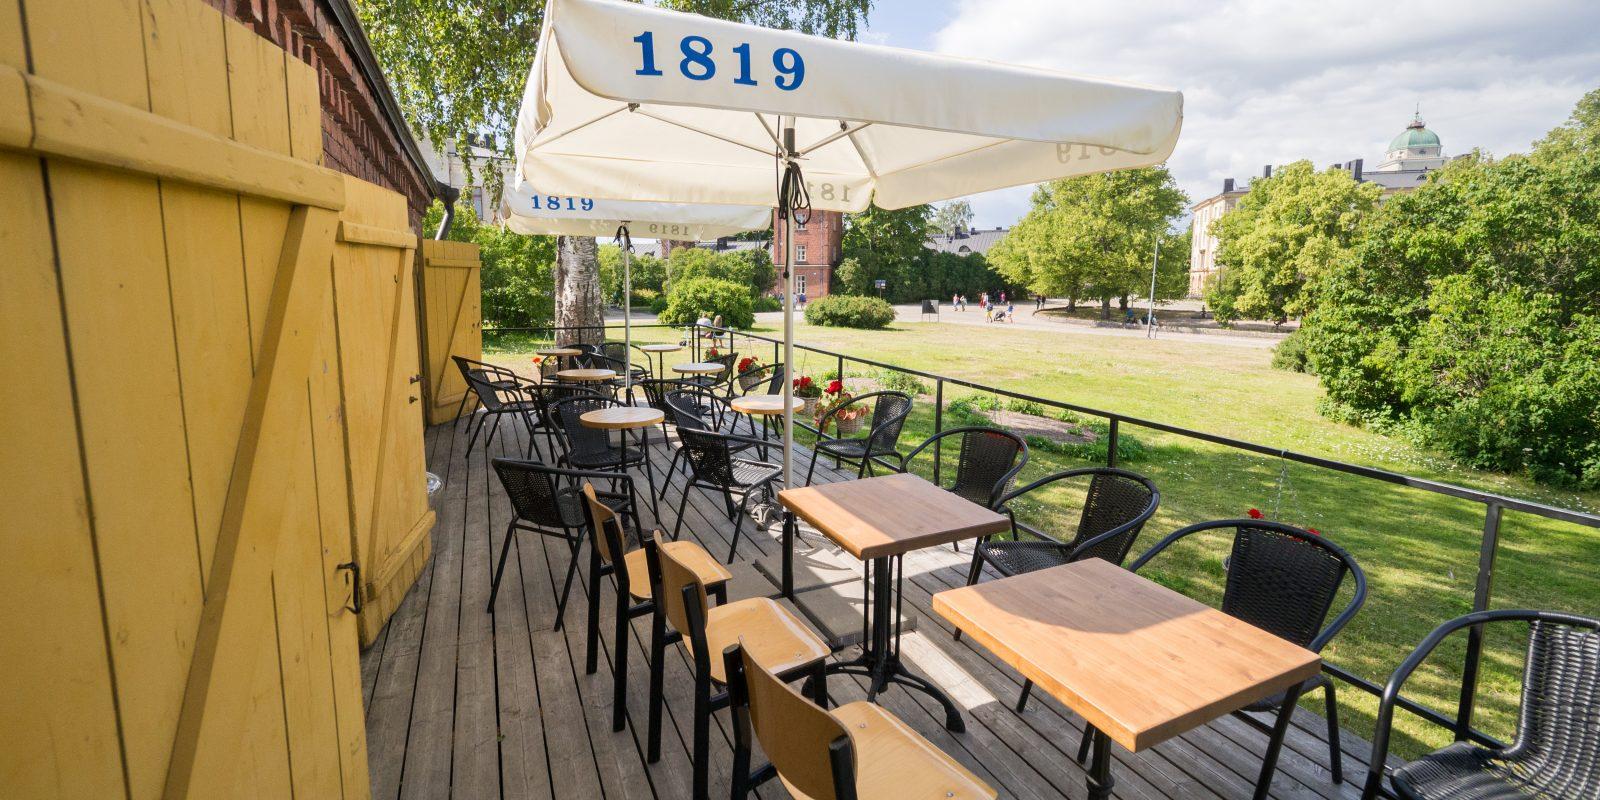 Kuvassa Linna baarin terassi, jossa tuoleja, pöytiä ja punaisia kukkia. Taustalla puistoa ja taivasta